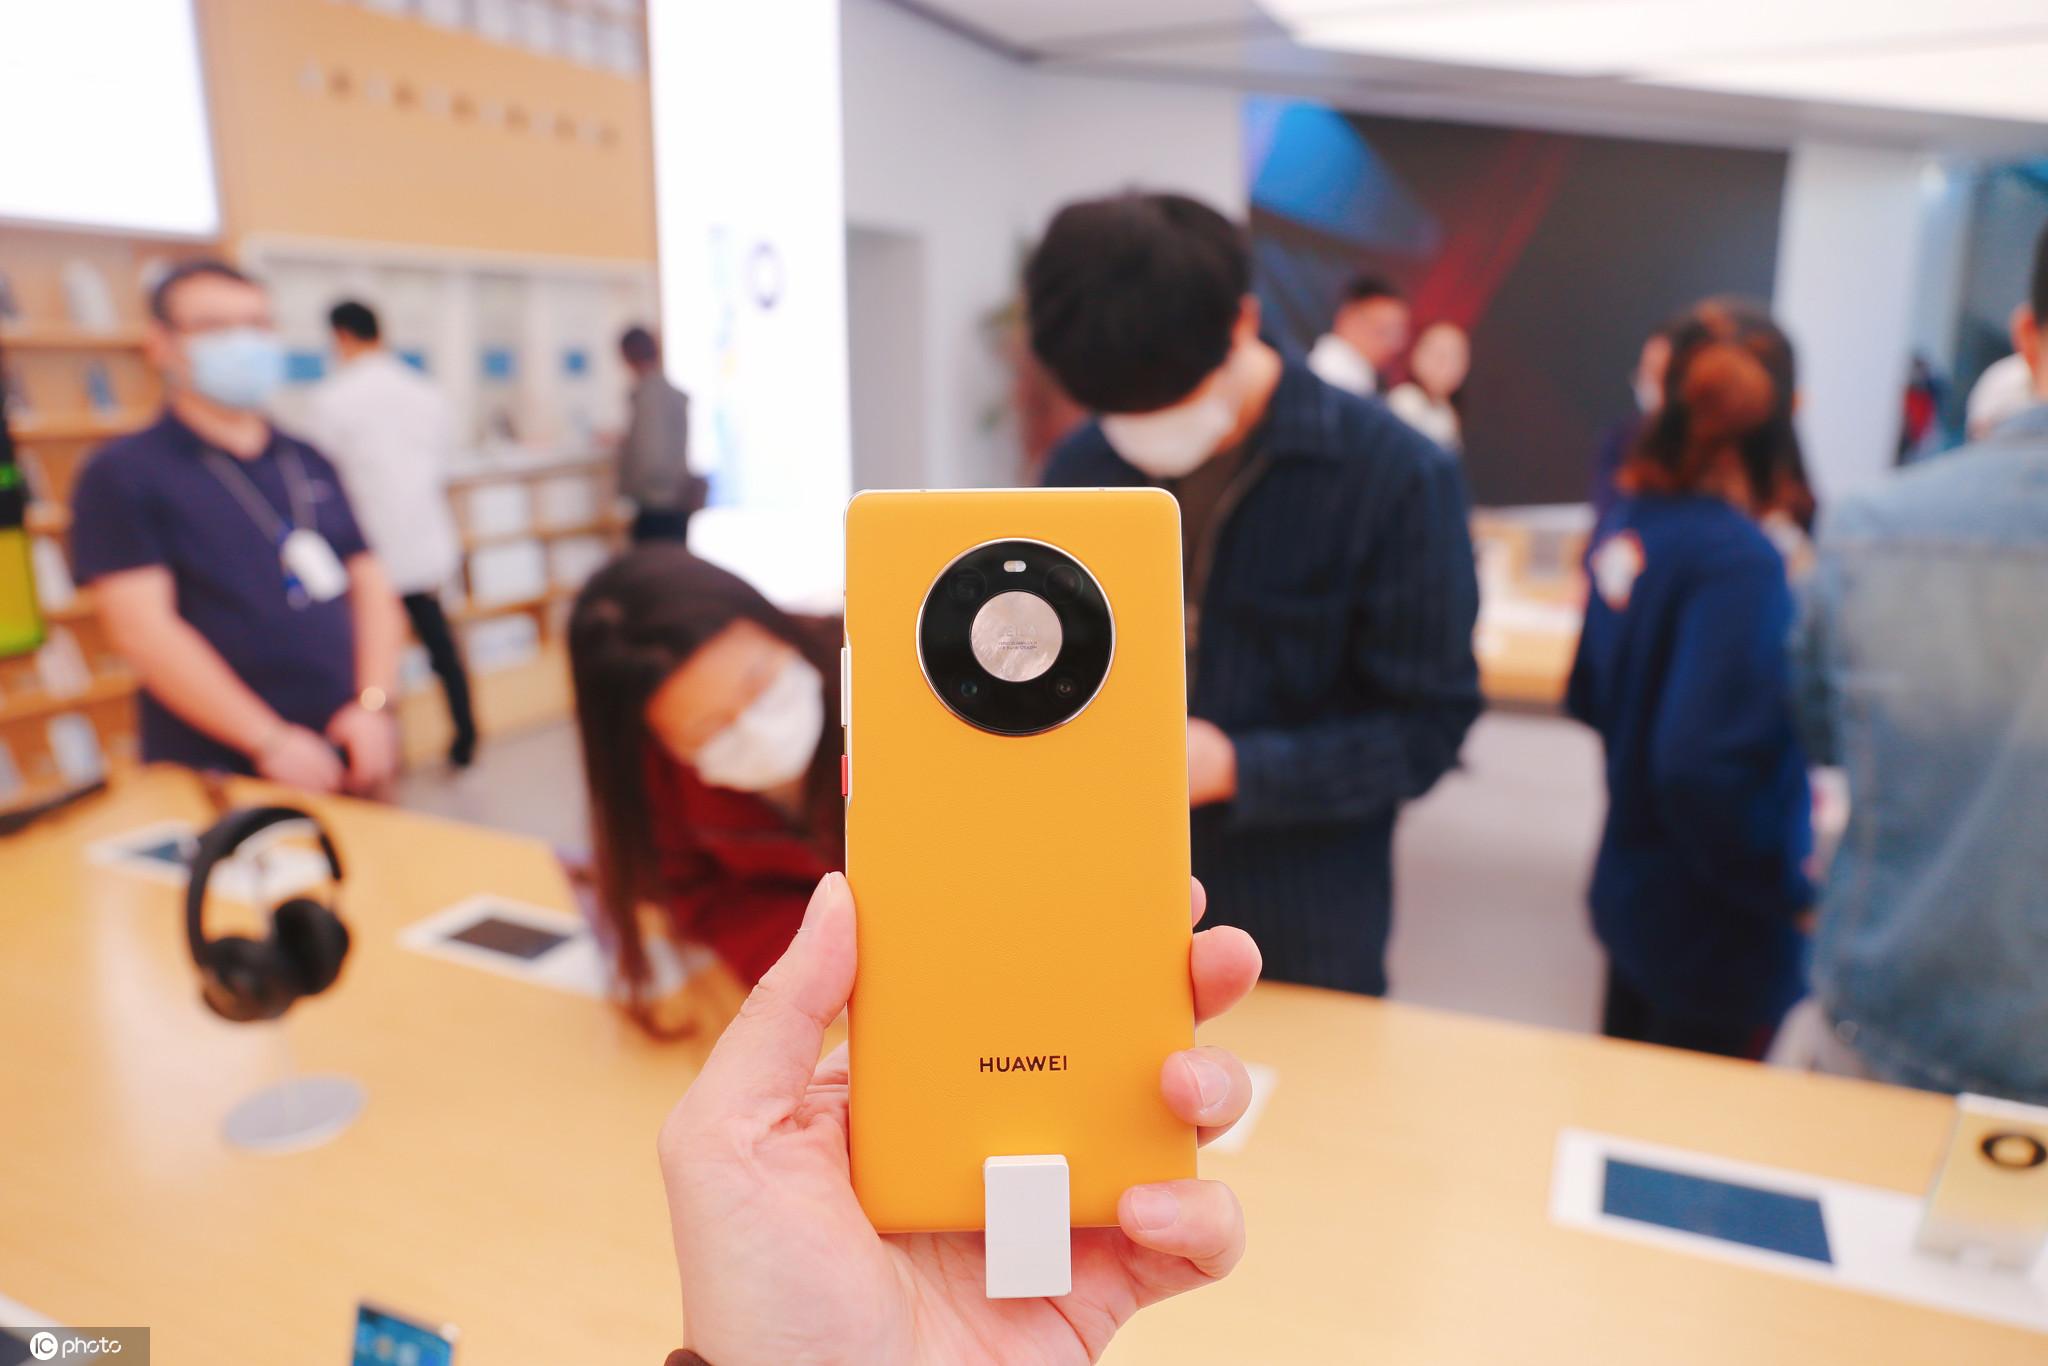 华为5G智能手机Mate40预售火爆消费者专卖店争相体验真机性能